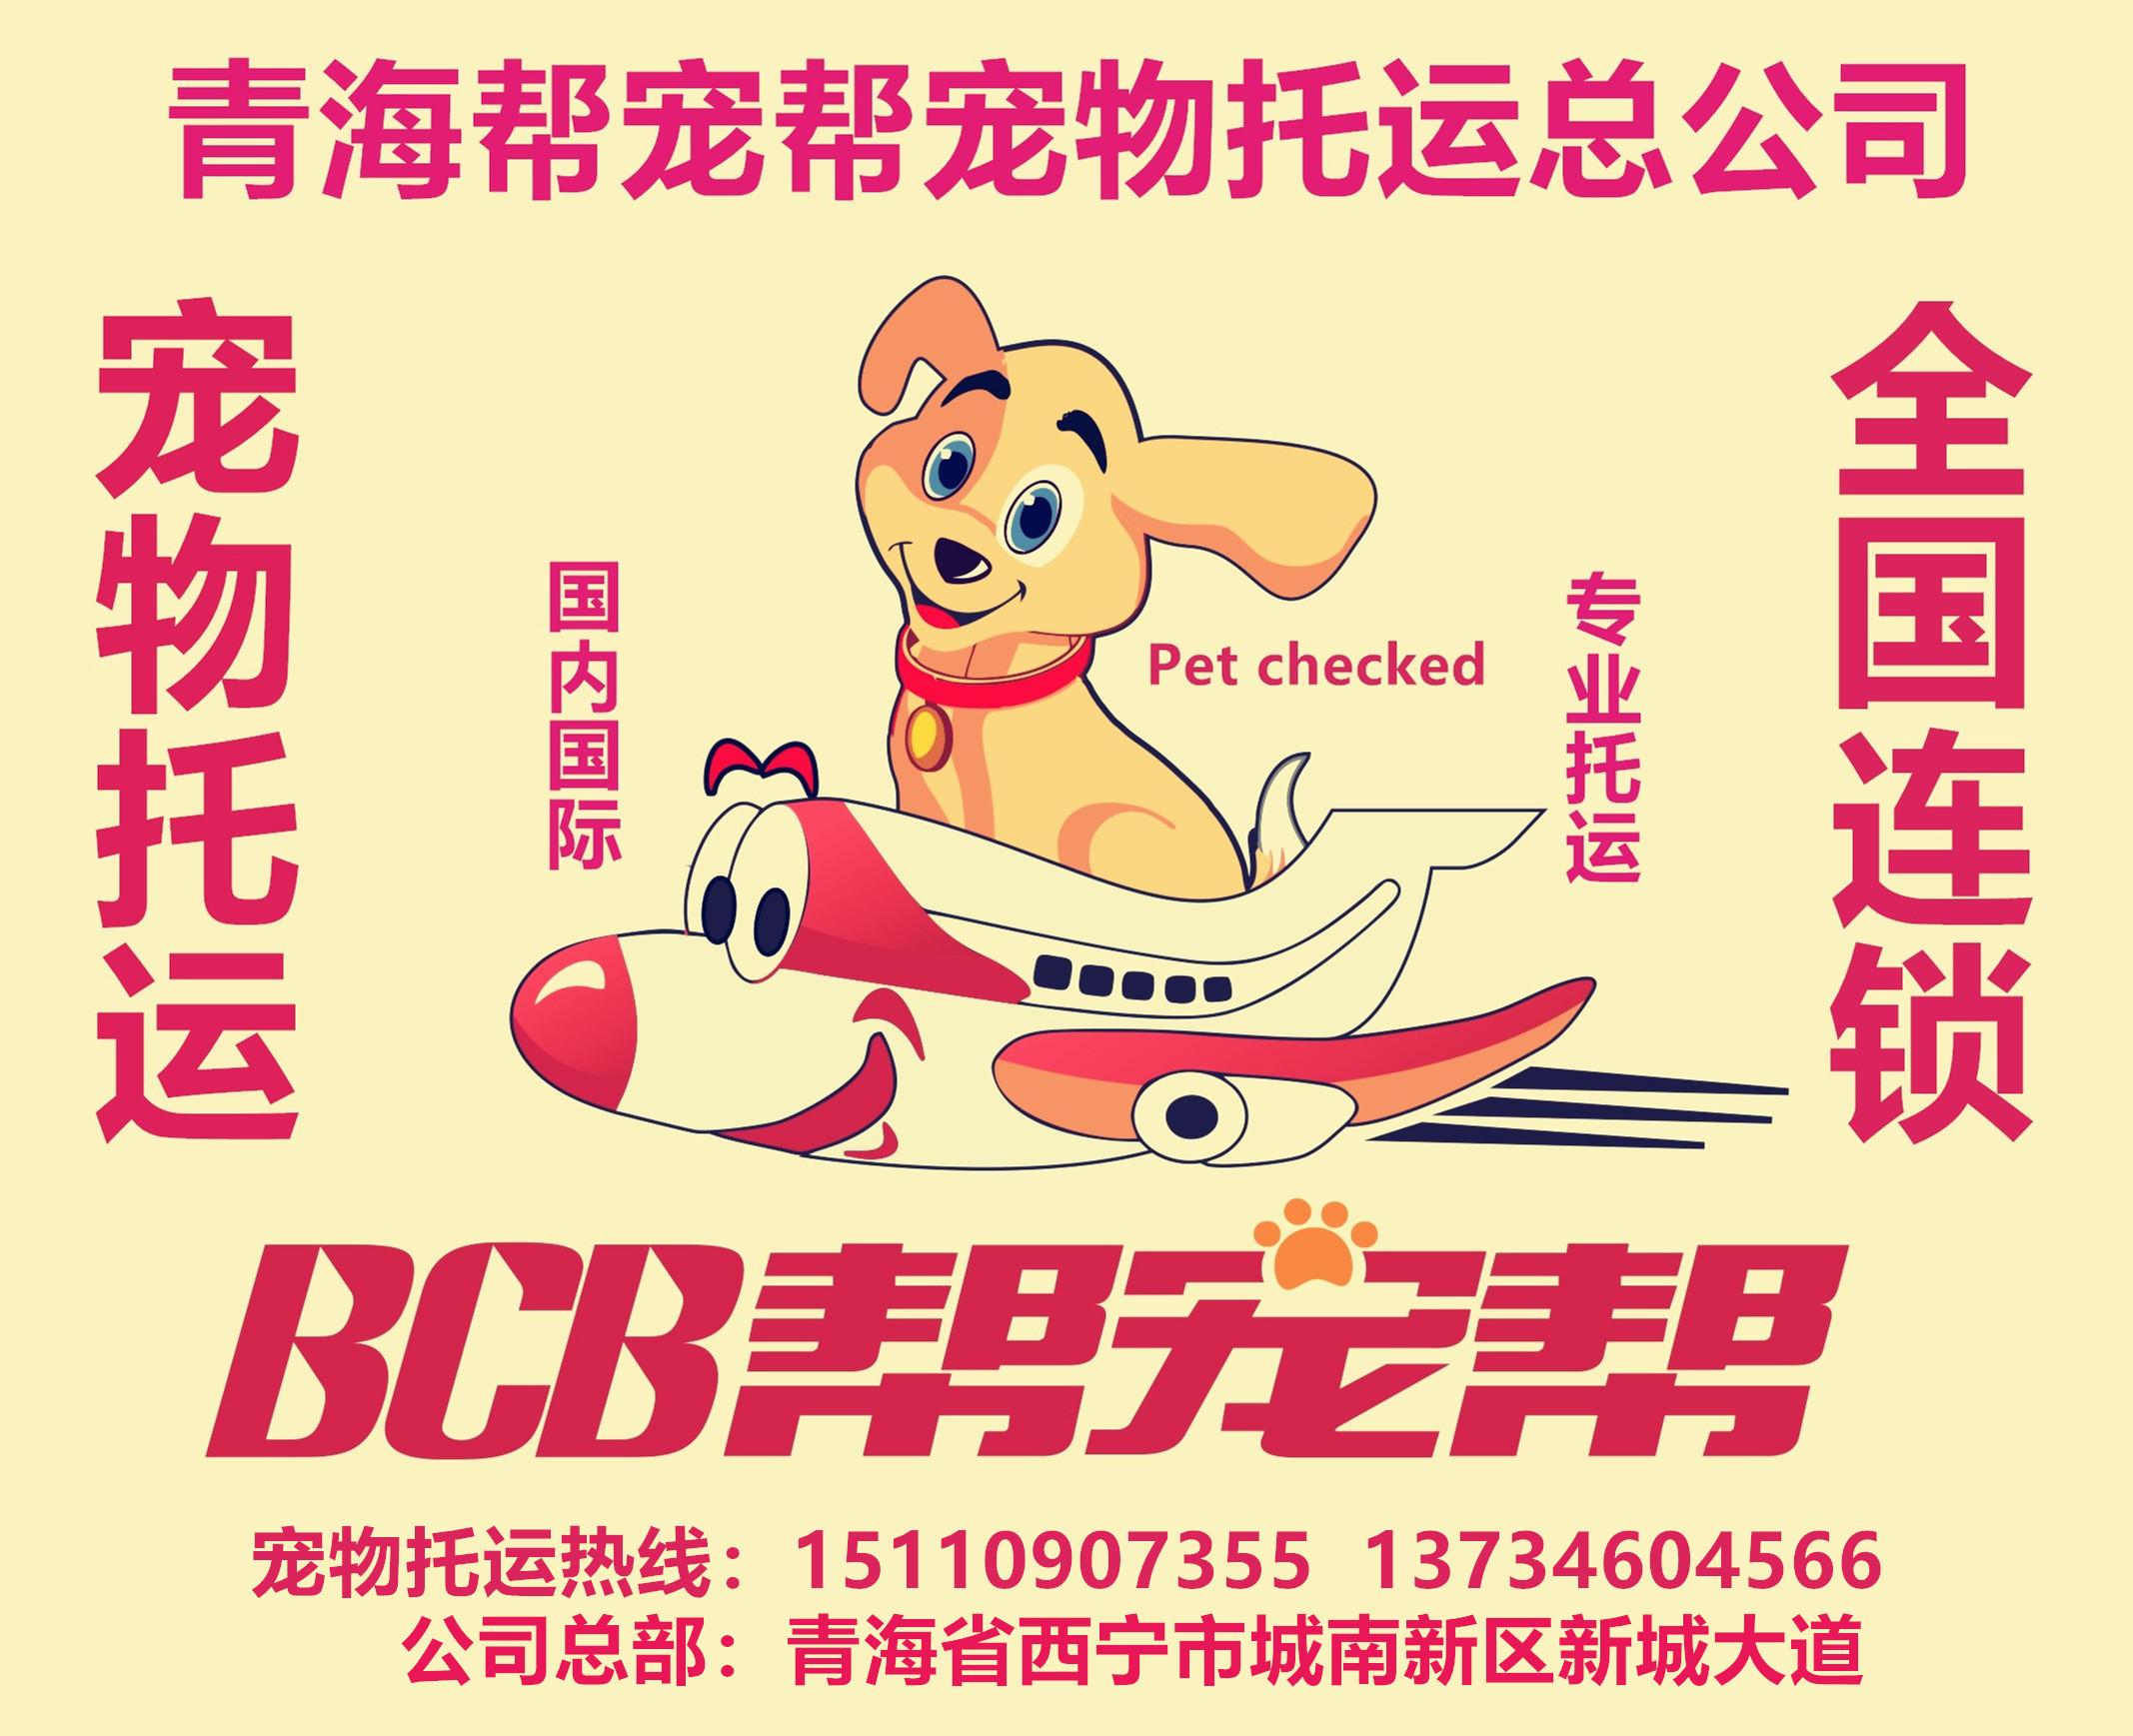 一家只专注 宠物托运 服务的宠物托运公司 帮宠帮